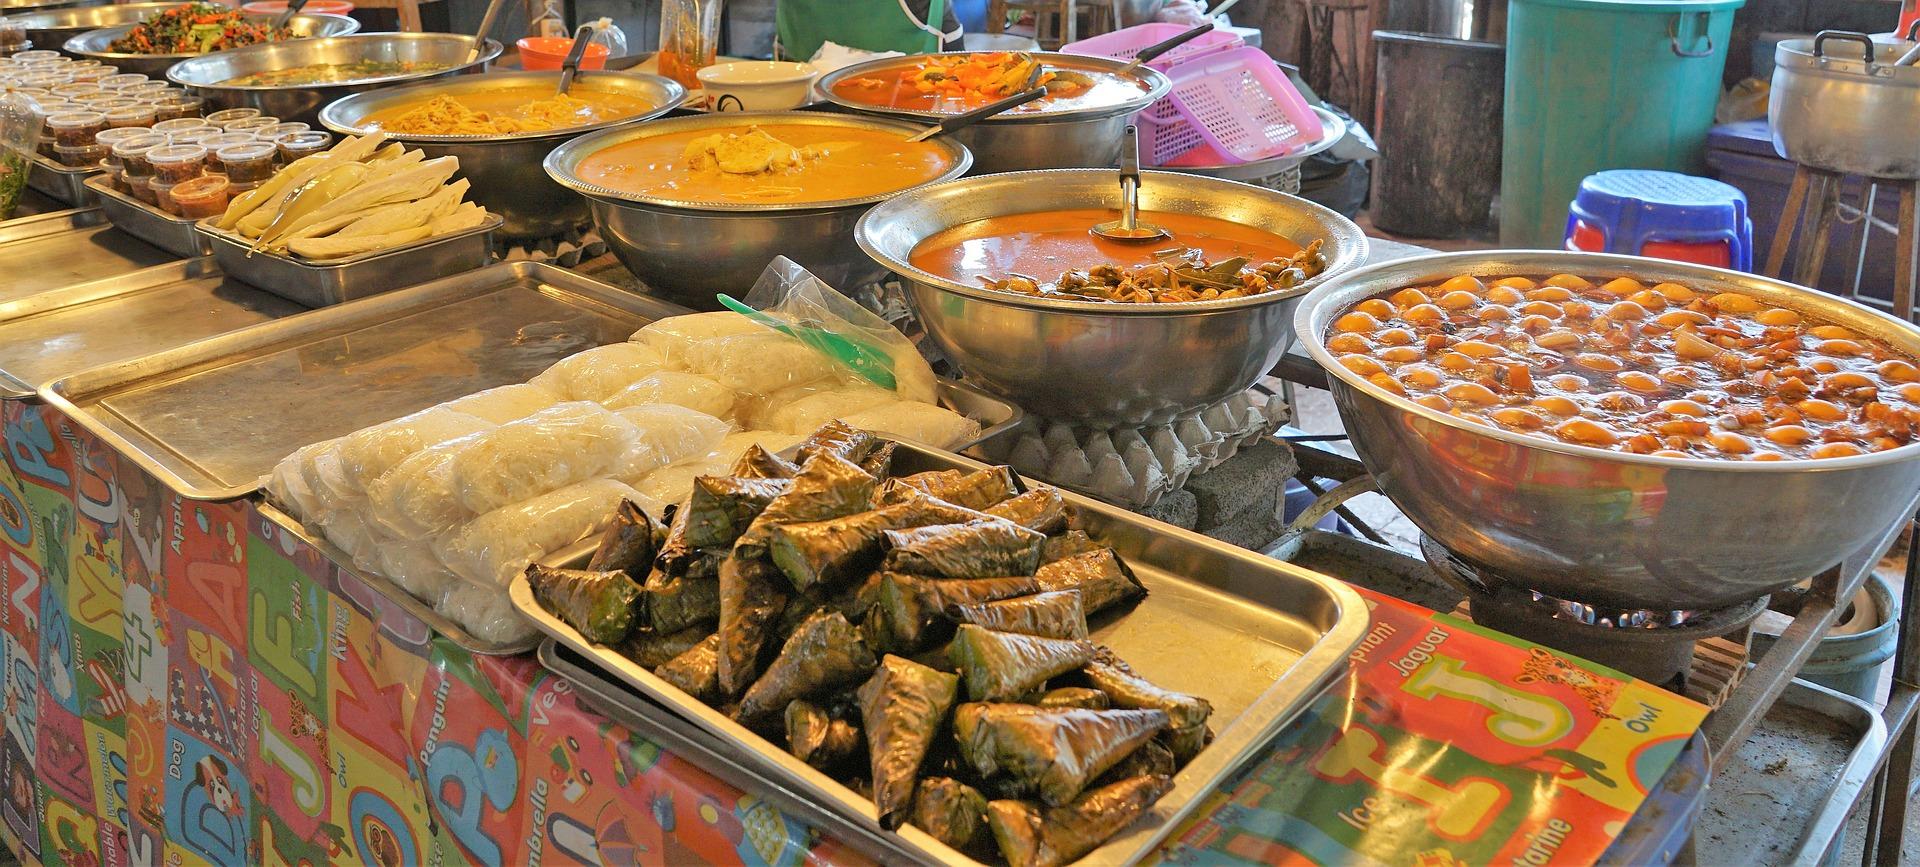 les spécialités culinaires de Thaïlande